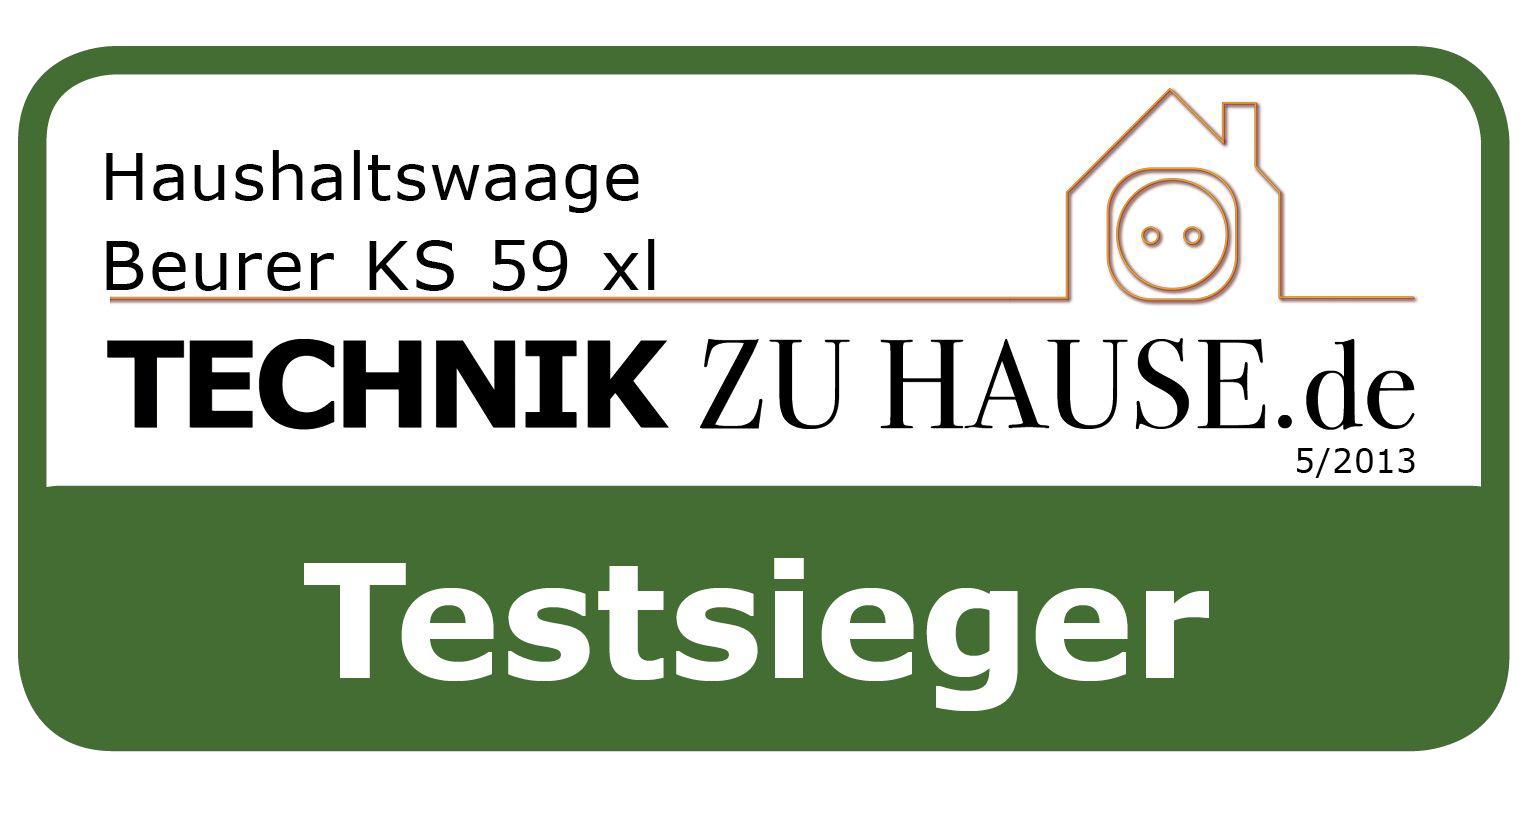 https://www.beurer-shop.de/media/images/attributevalueimages/testsieger-beurer.png